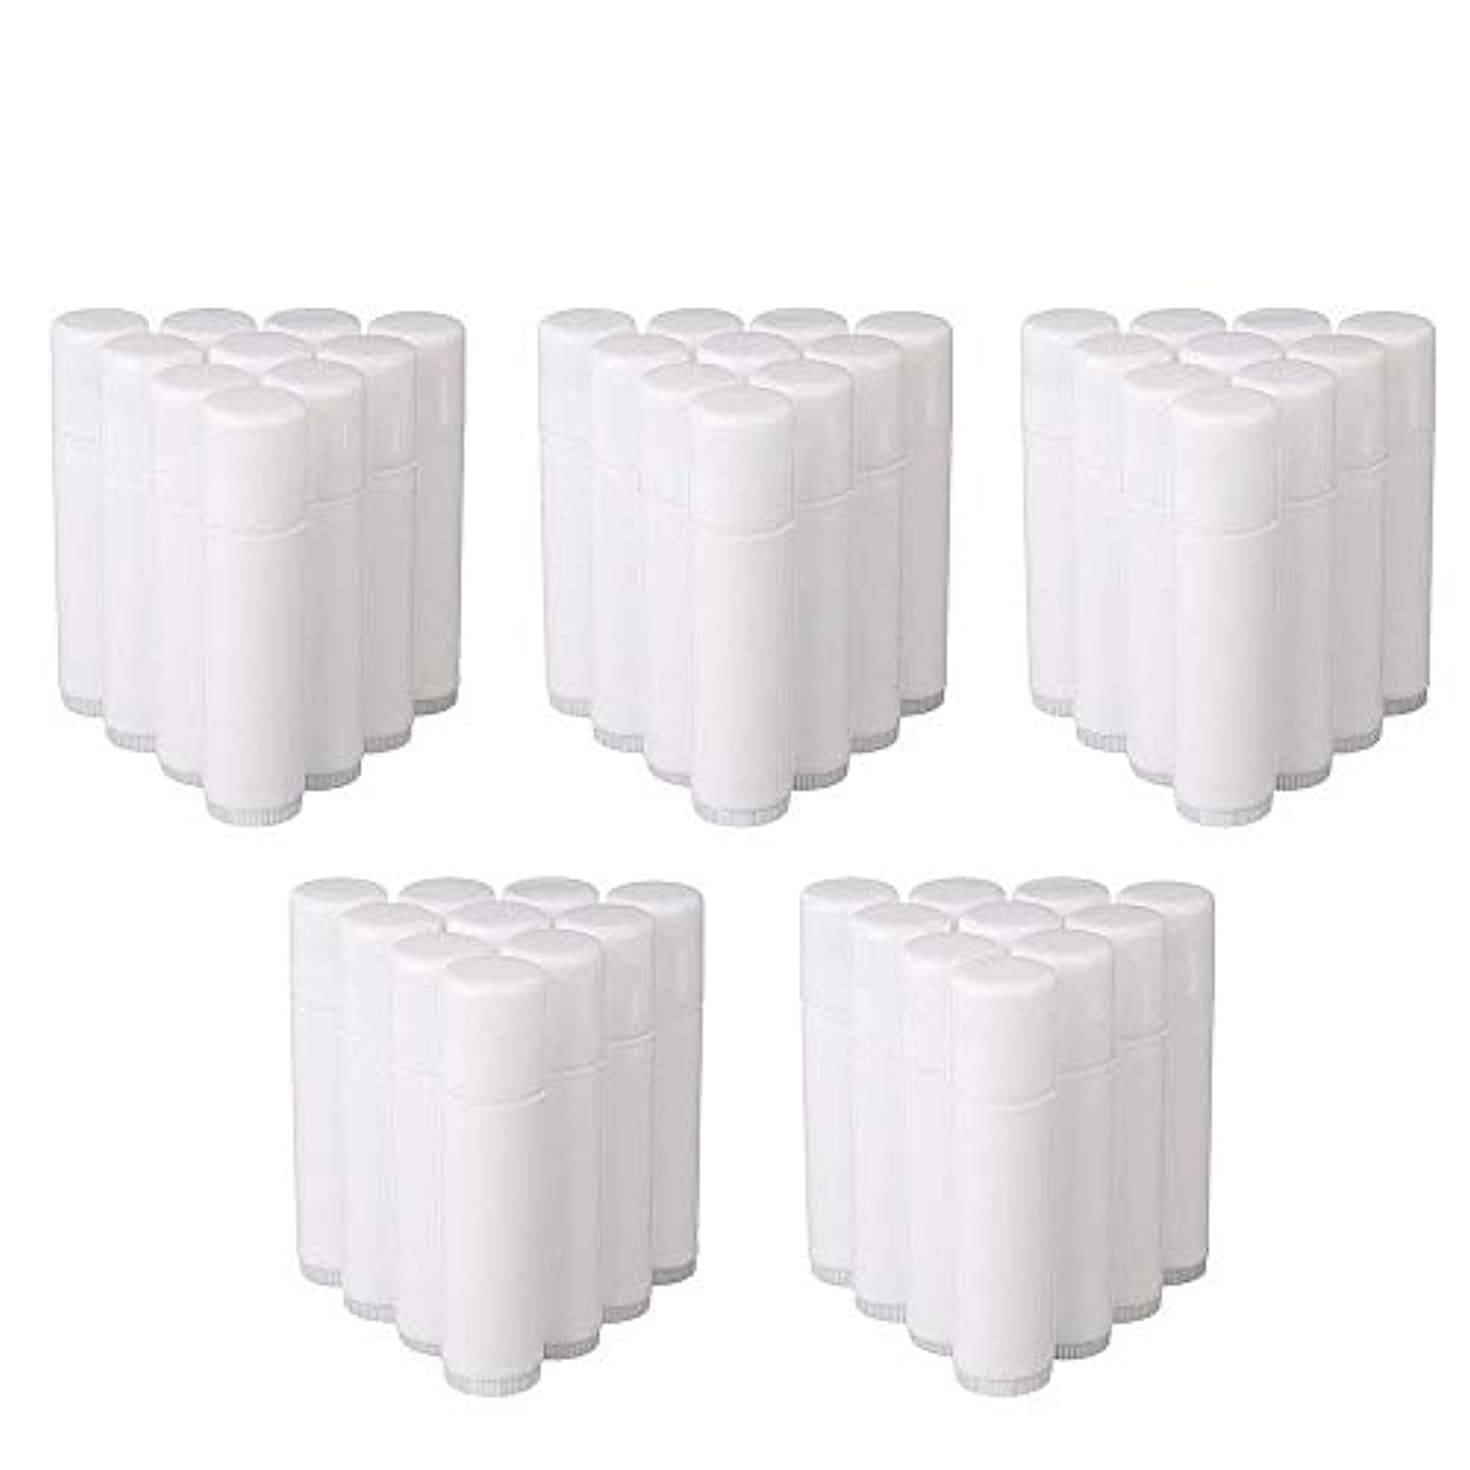 肺ペストゴールデンCOOLBOTANG リップバームチューブ リップクリーム 繰り出し ホワイト 手作りコスメ 手作り化粧品/リップクリーム 50個 5g ミニ 詰め替え容器